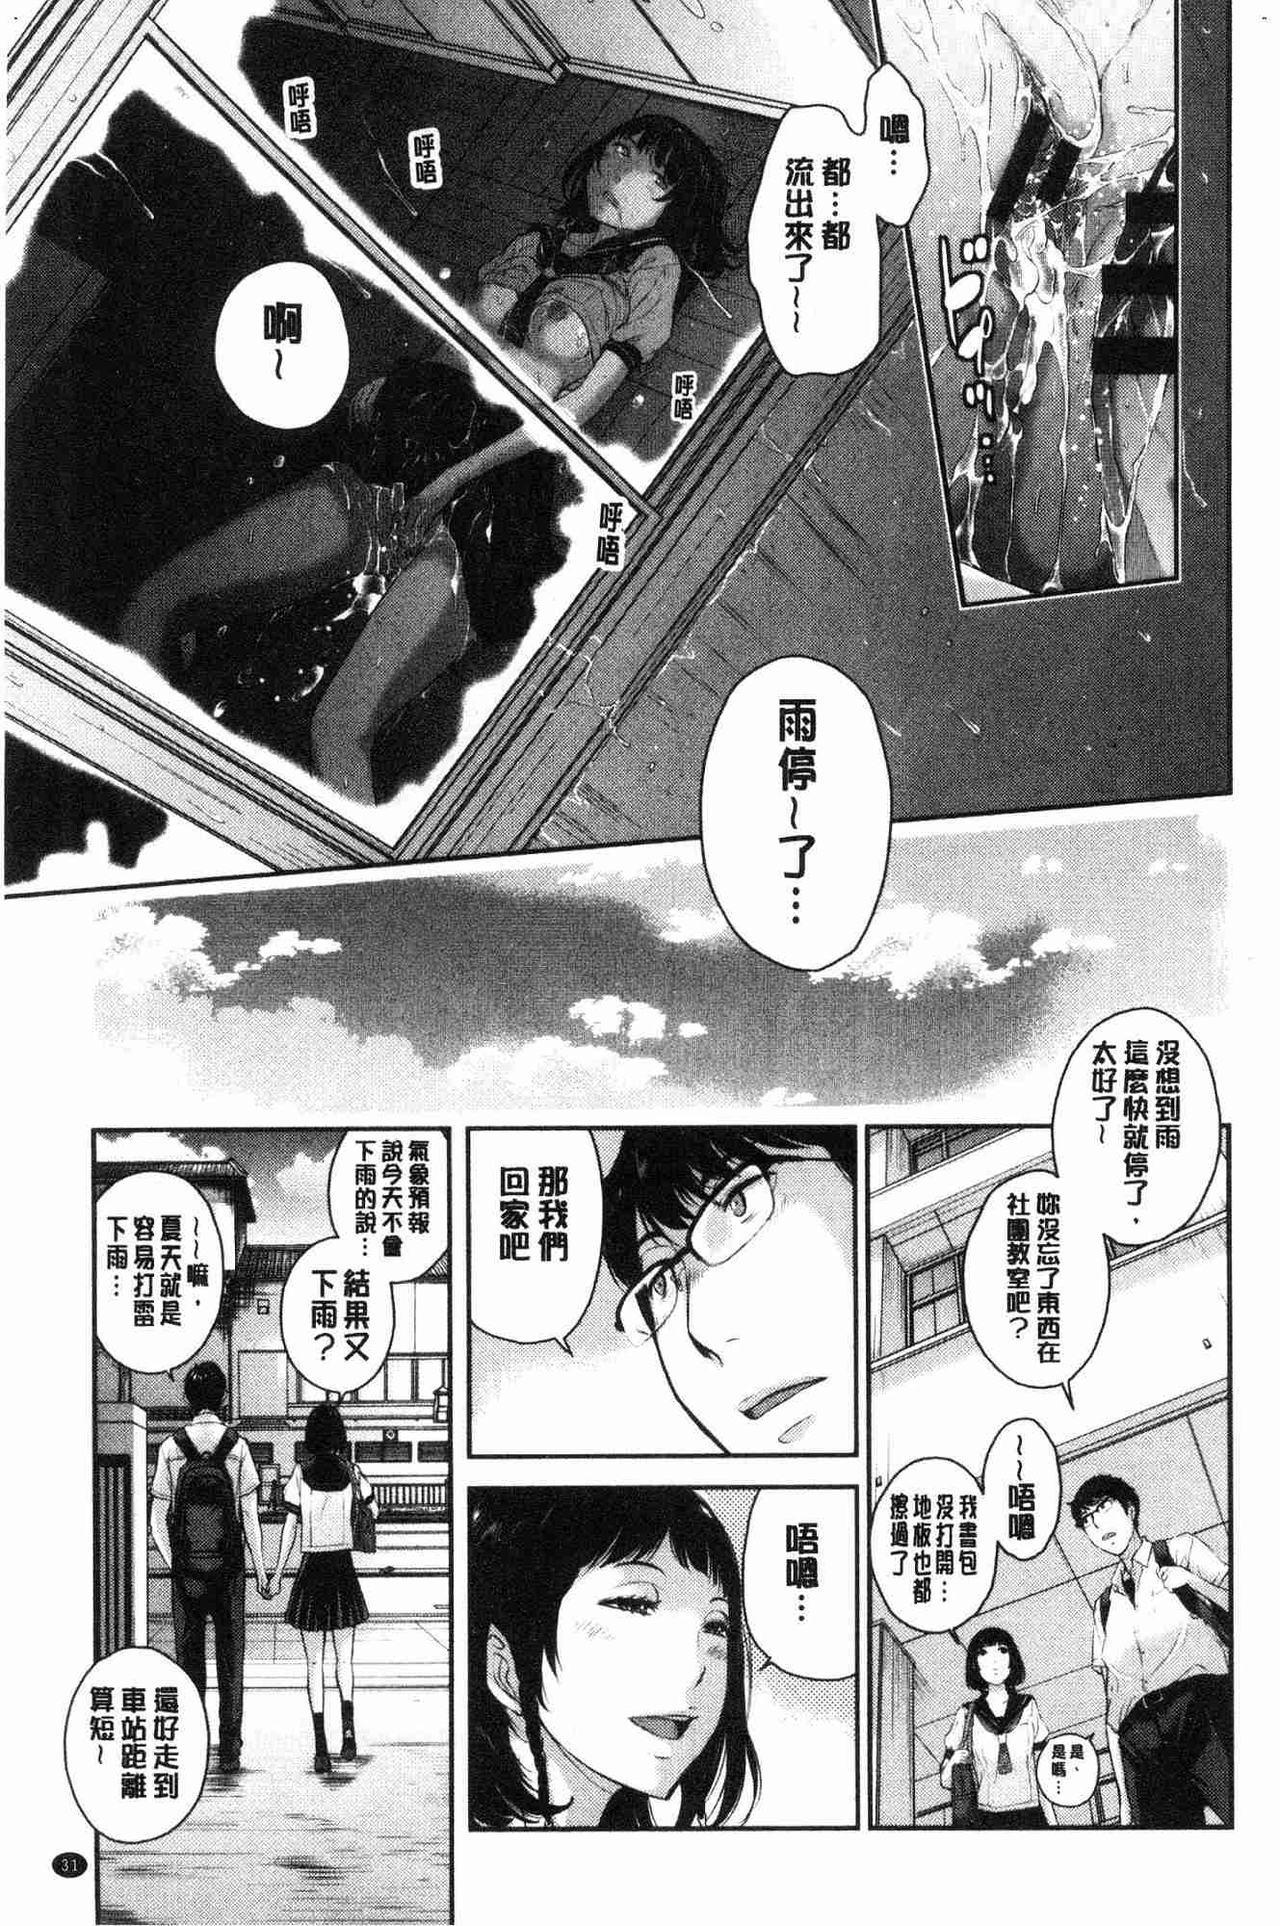 [Harazaki Takuma] Seifuku Shijou Shugi -Natsu- - Uniforms supremacy [Chinese] 31